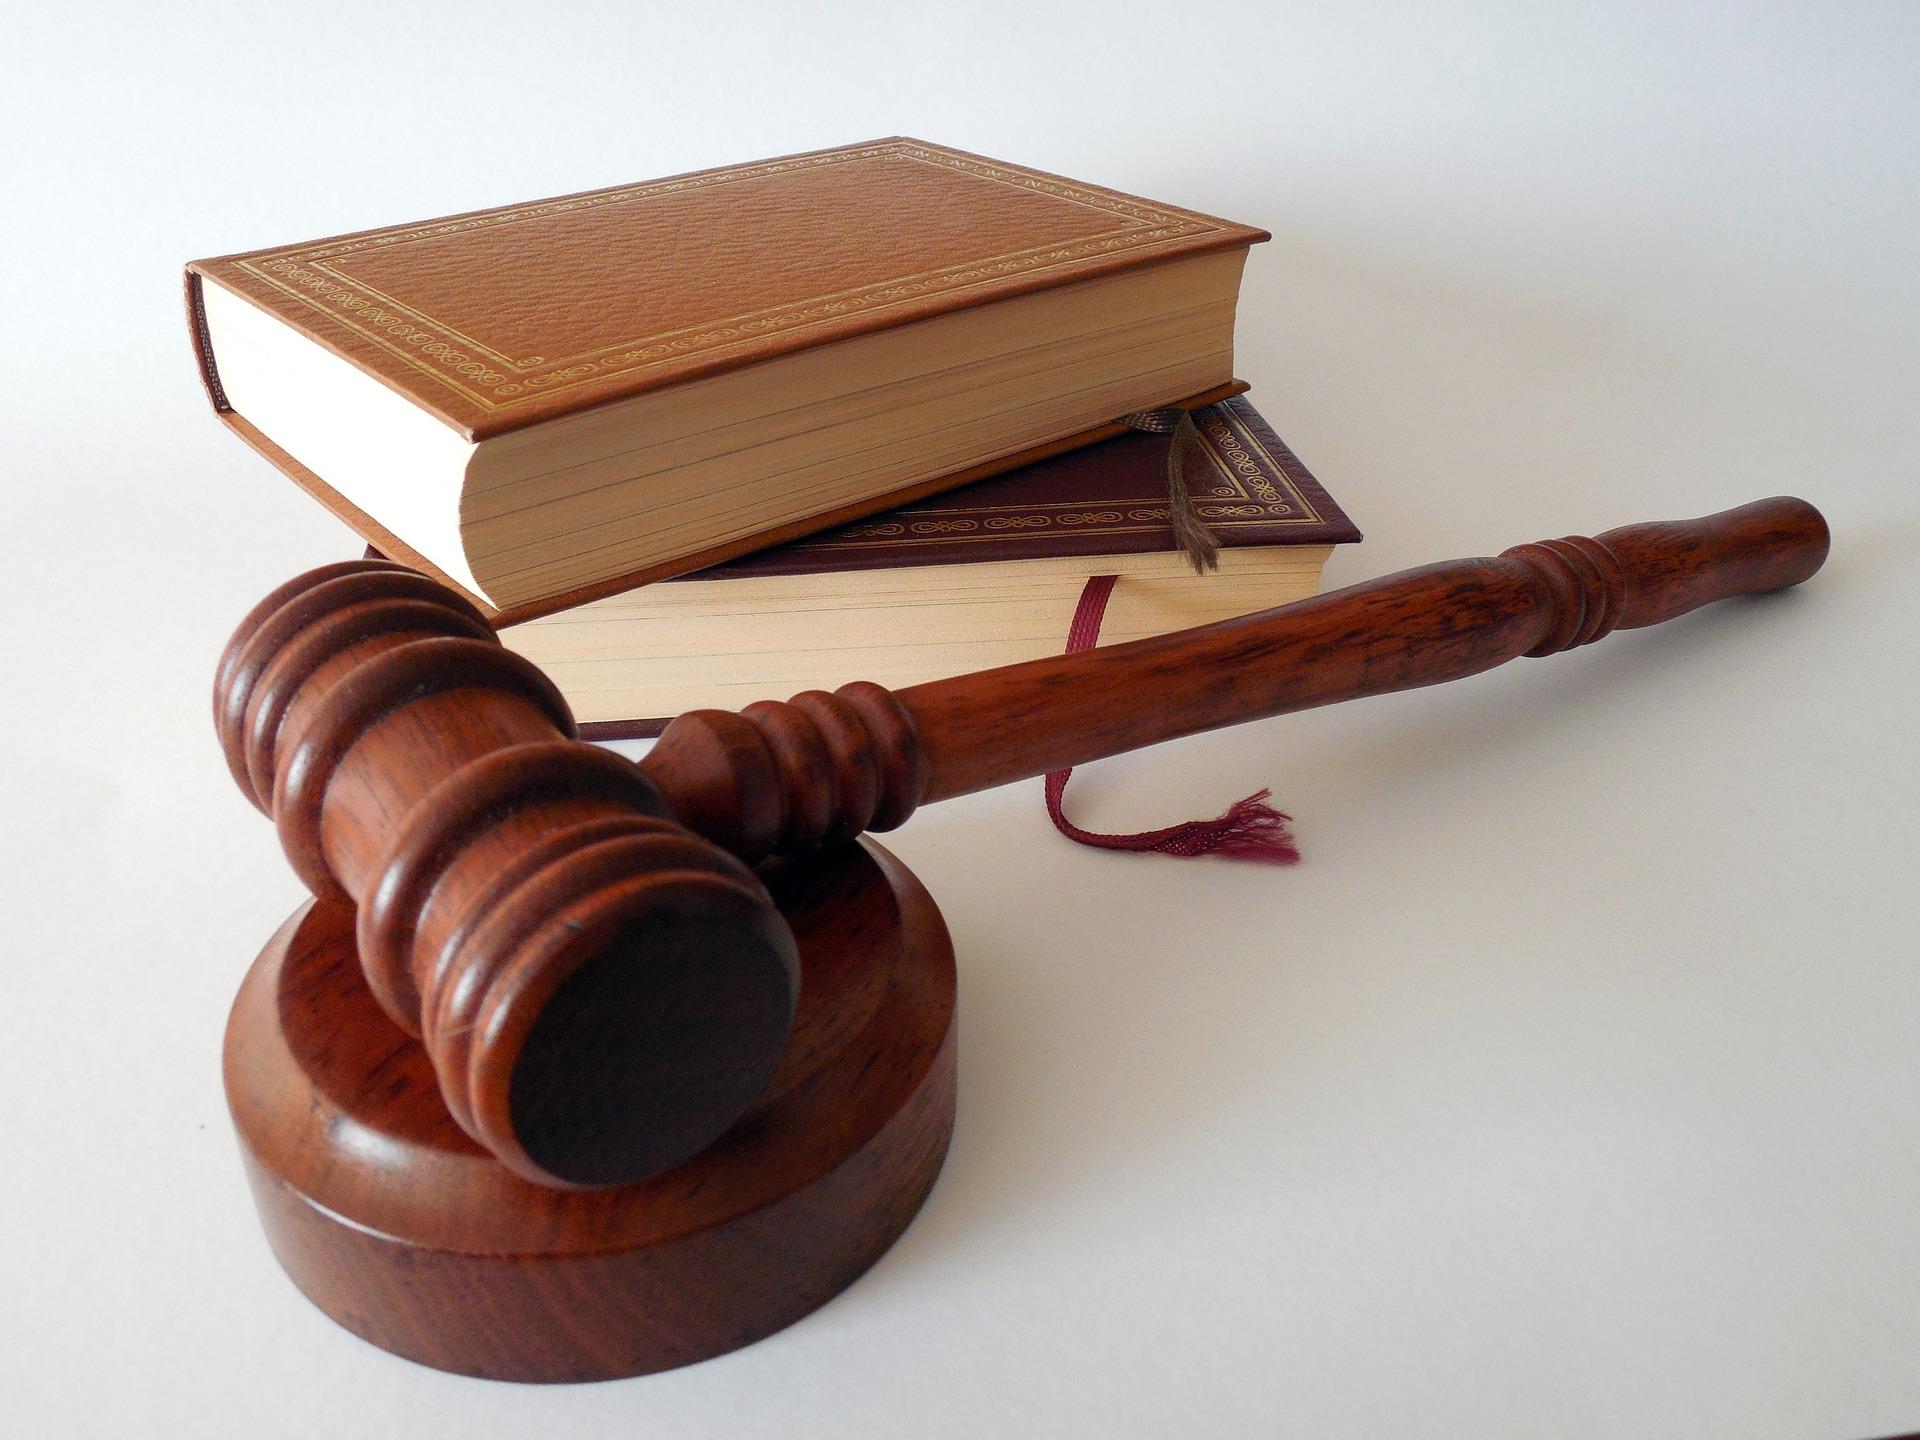 Dlaczego prawnicy nie mogą się reklamować? Usługi prawnicze w praktyce